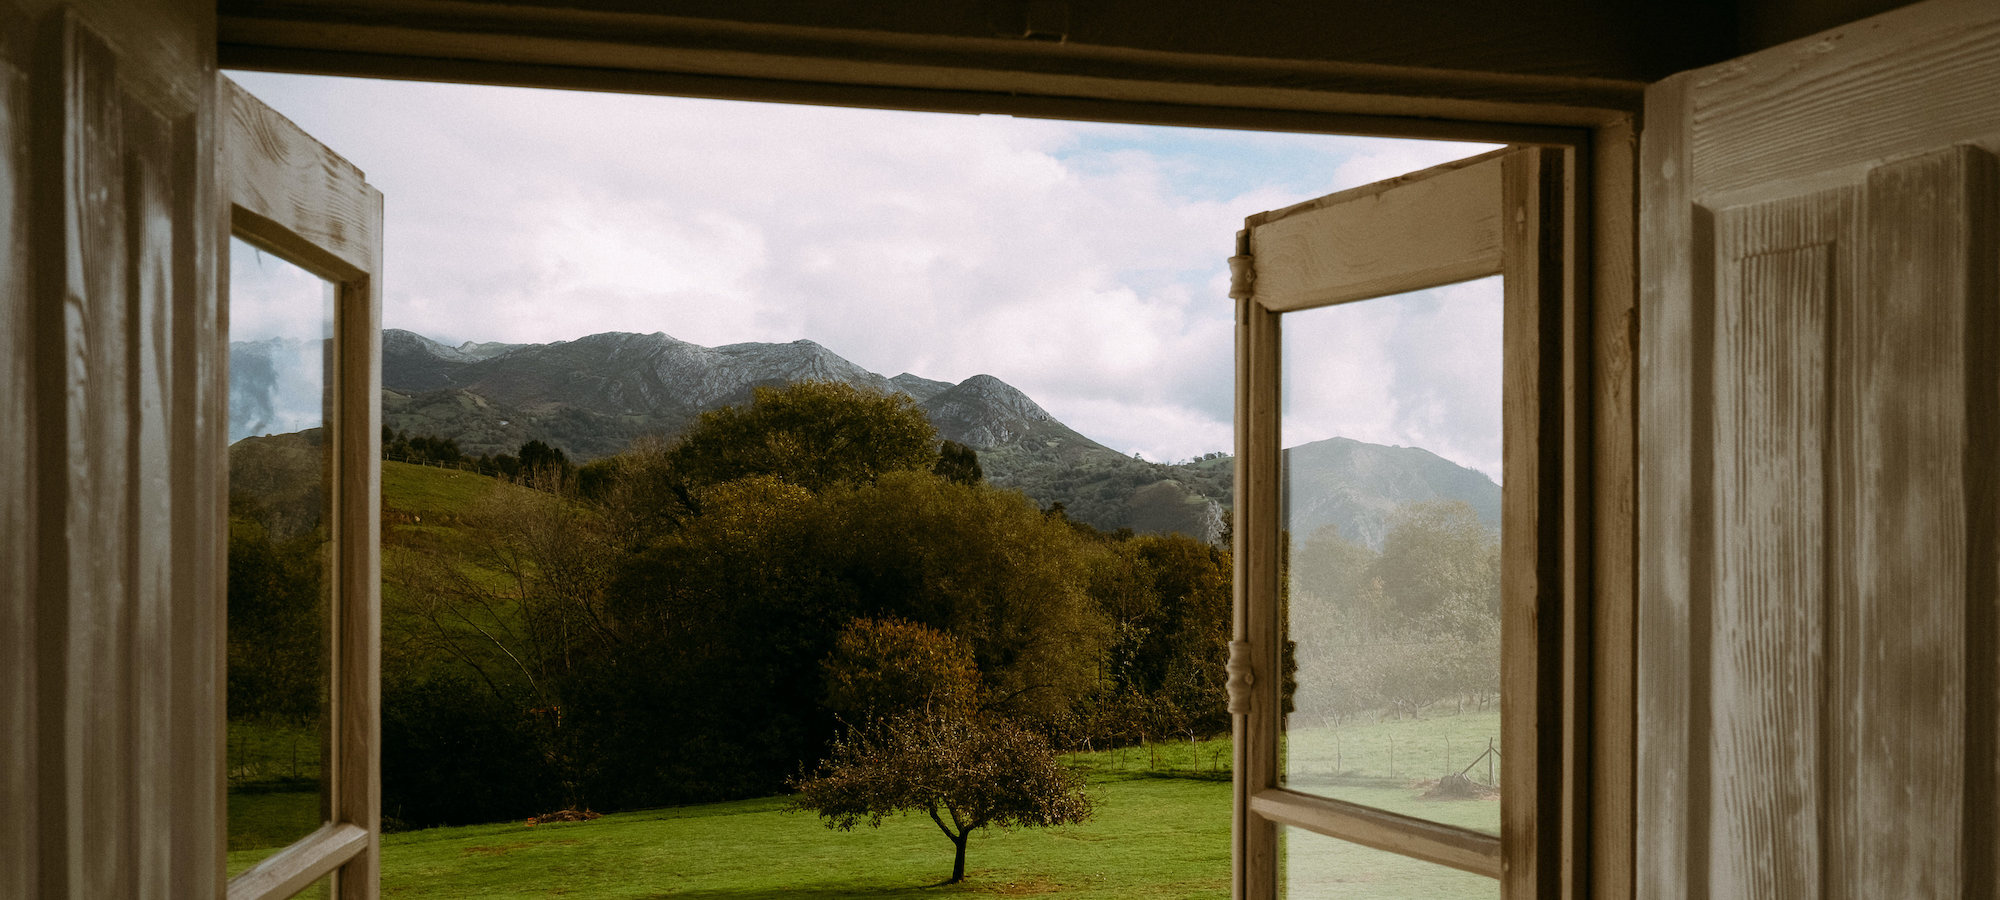 el gran sueño bedroom galería view